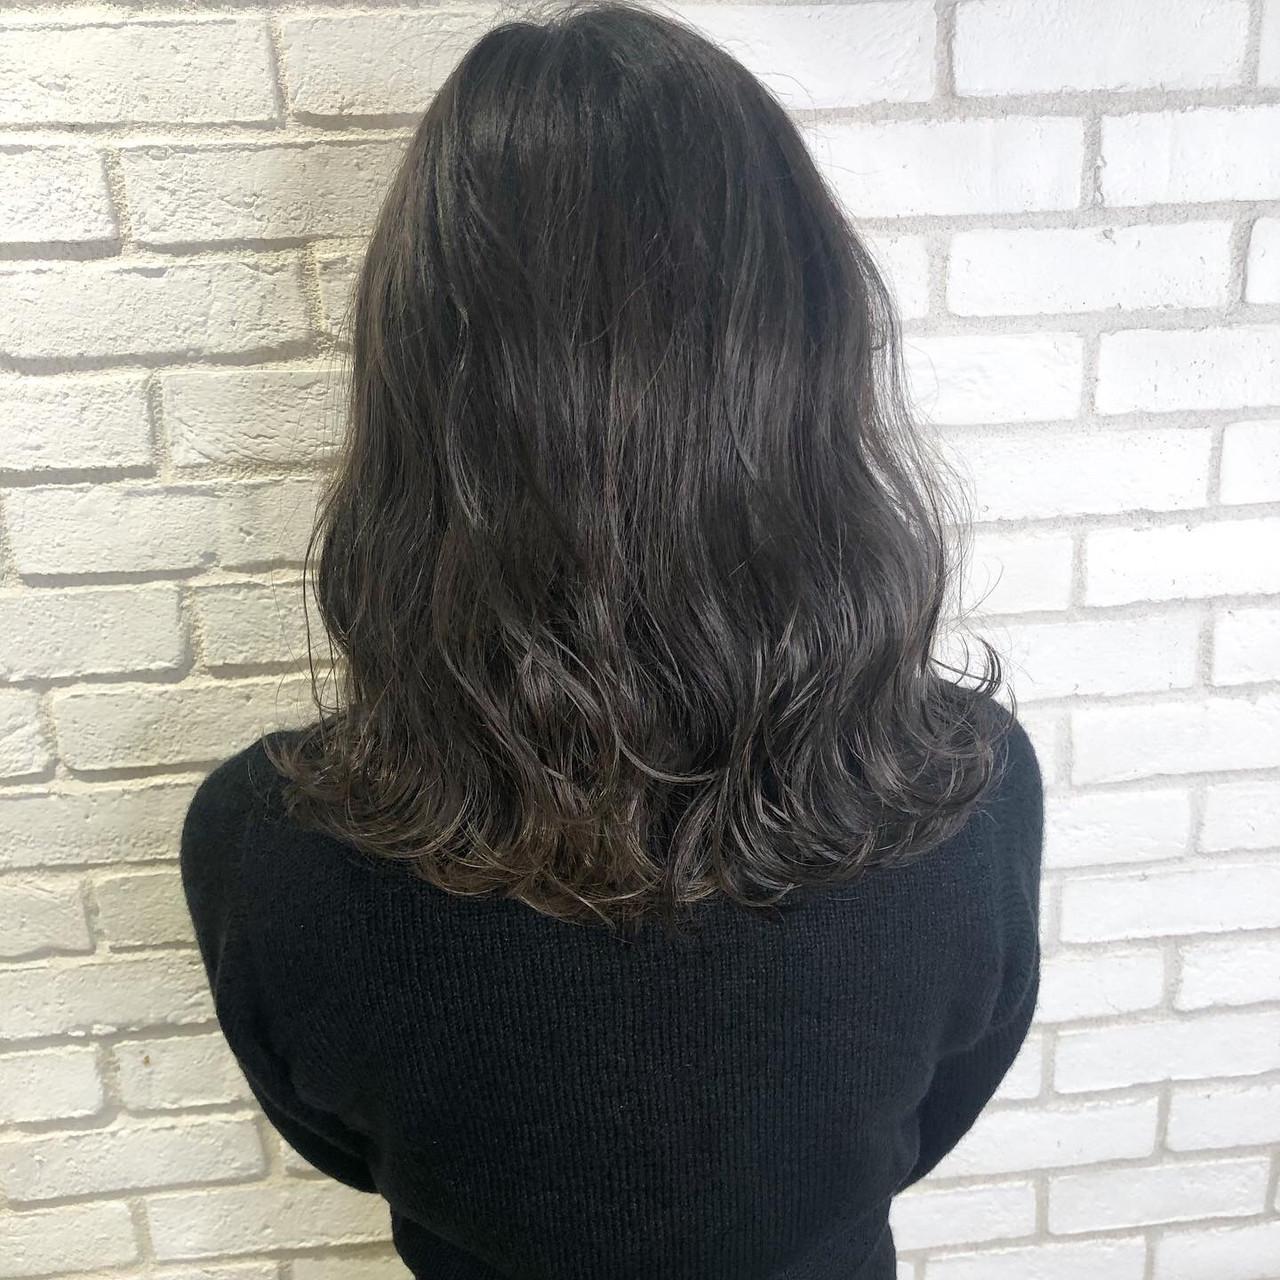 アッシュグレージュ アディクシーカラー アッシュグレー グレージュ ヘアスタイルや髪型の写真・画像 | 佐藤高徳 / RAFTOKYO